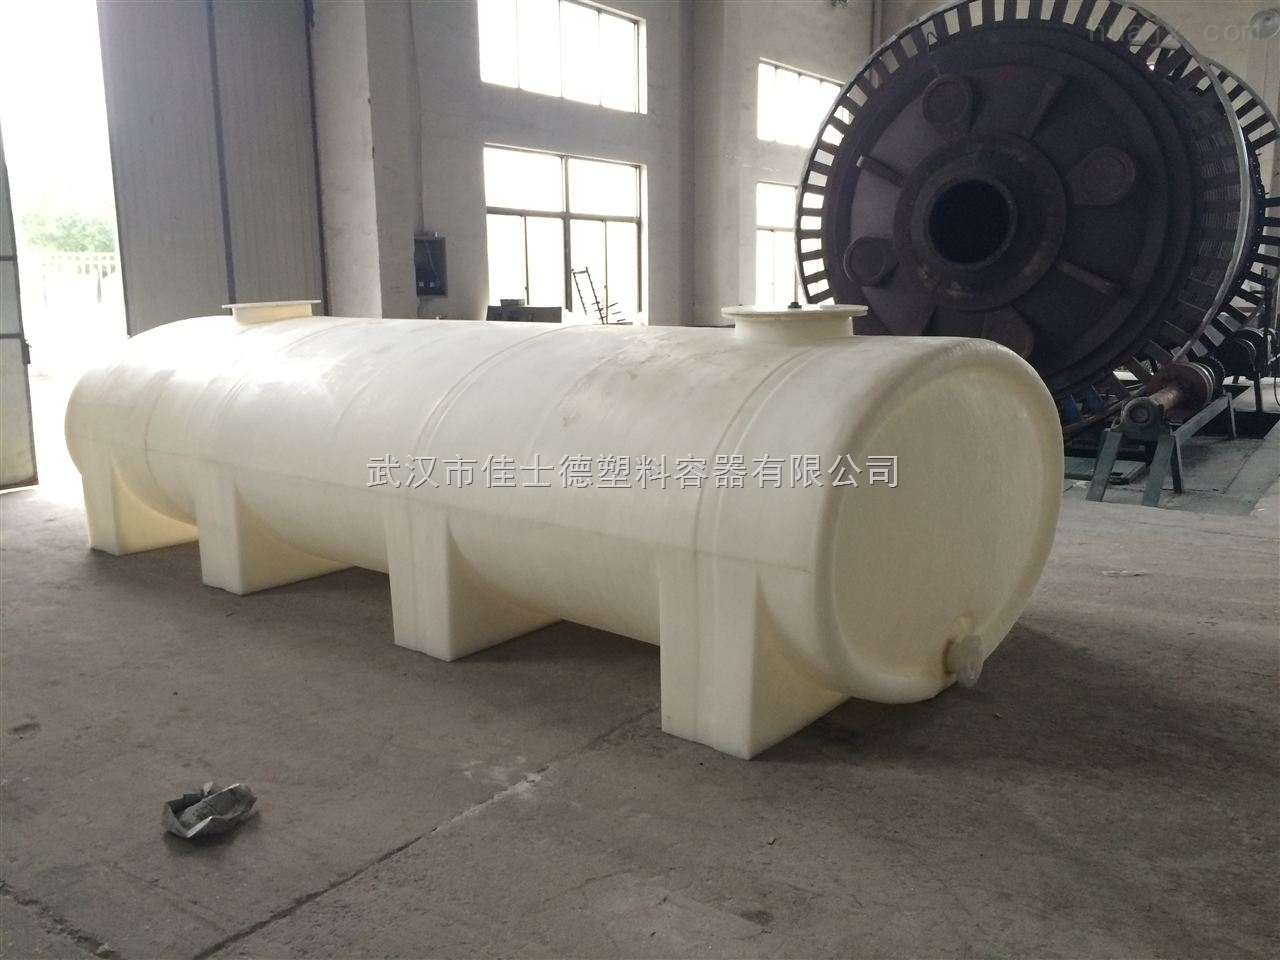 武汉市10吨卧式水箱厂家